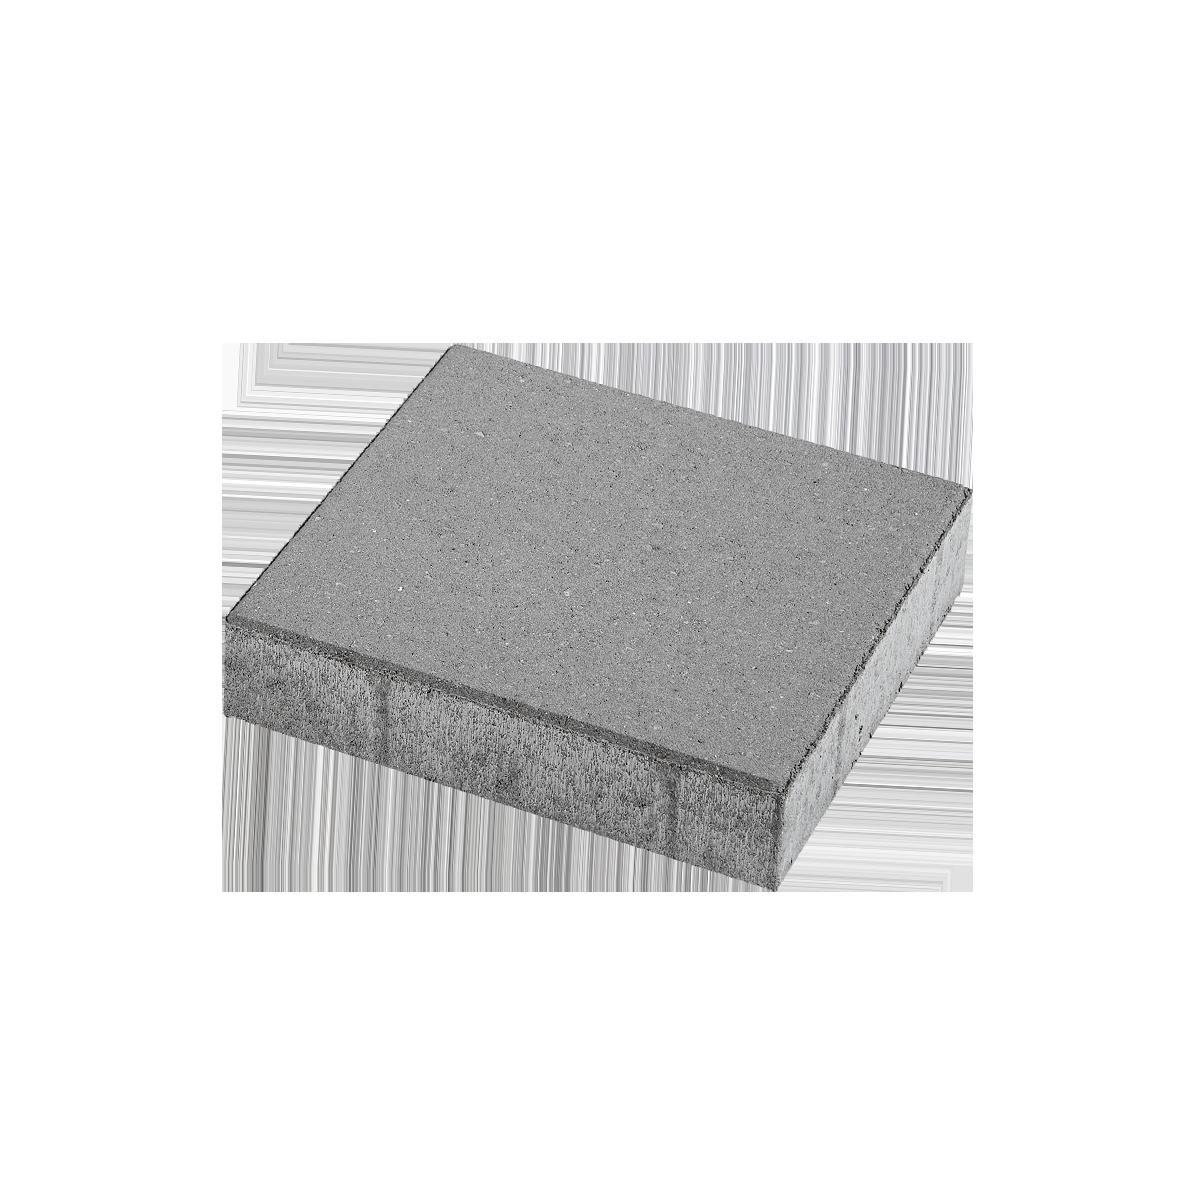 Fliser 30x30x5 cm Grå